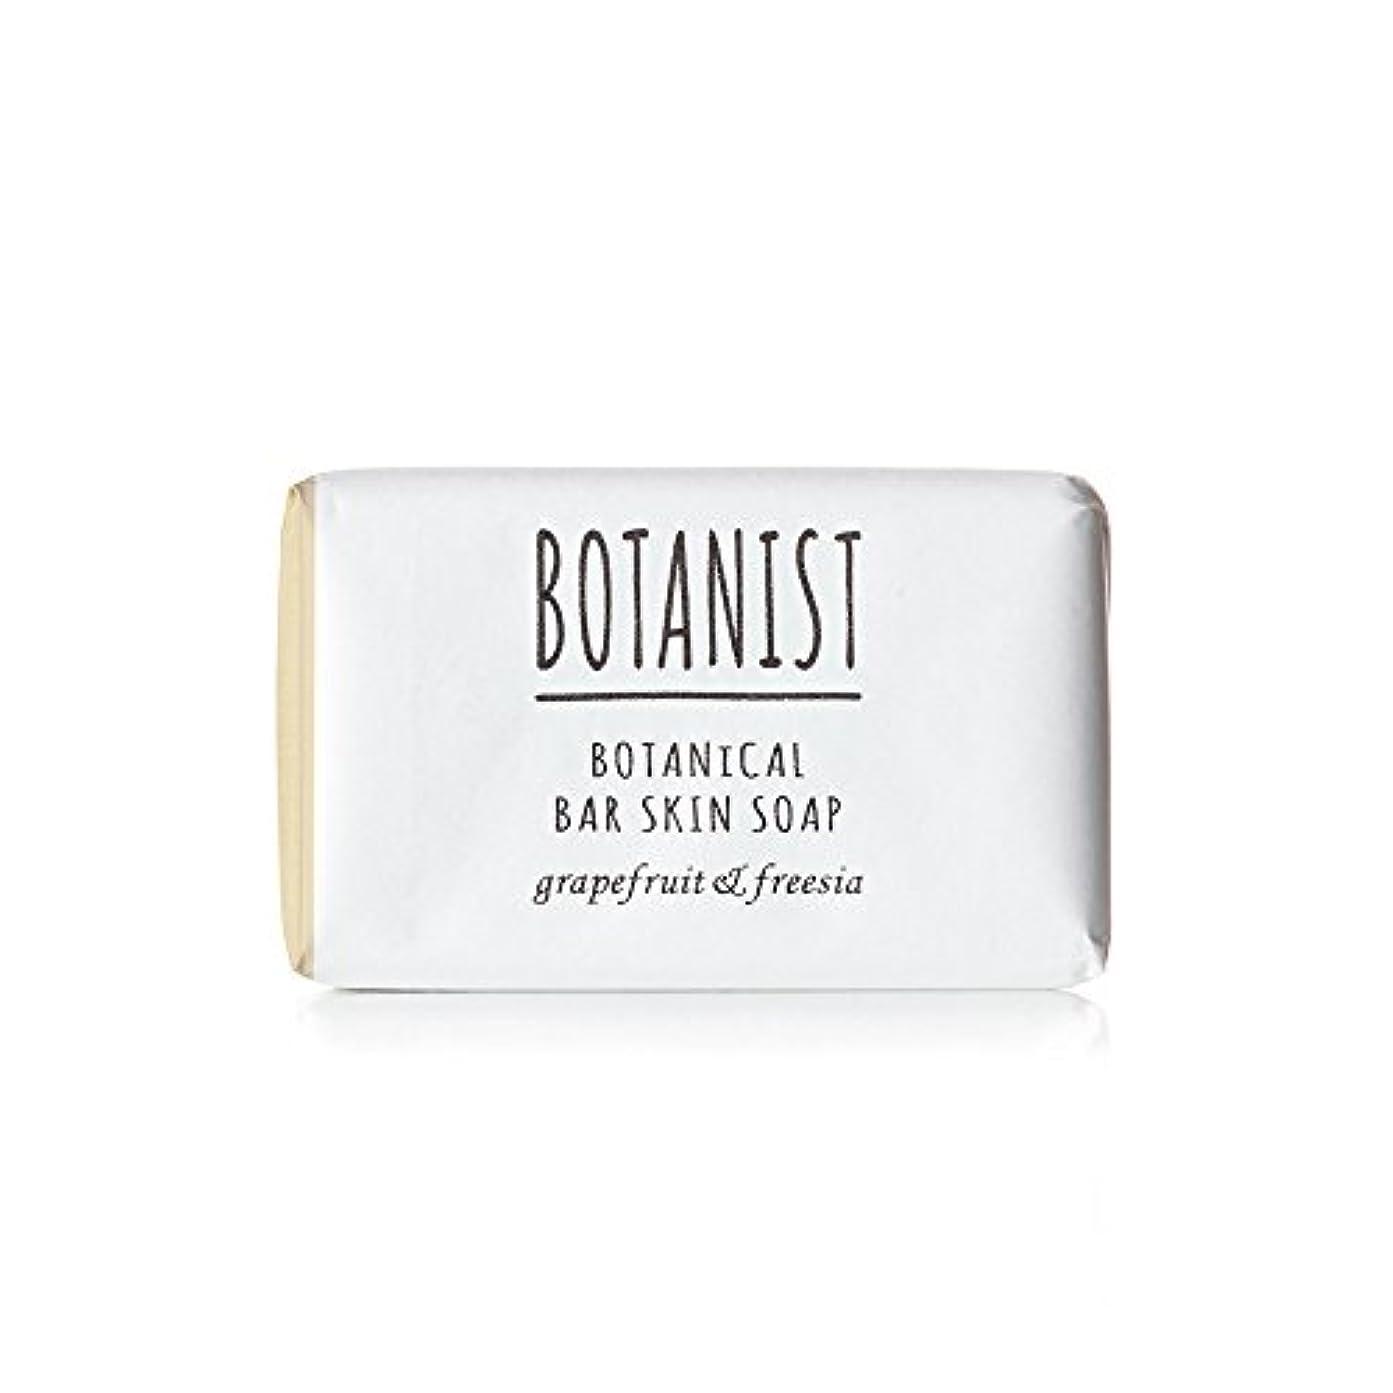 挽く不快見通しBOTANIST ボタニスト ボタニカル バースキンソープ 100g グレープフルーツ&フリージア